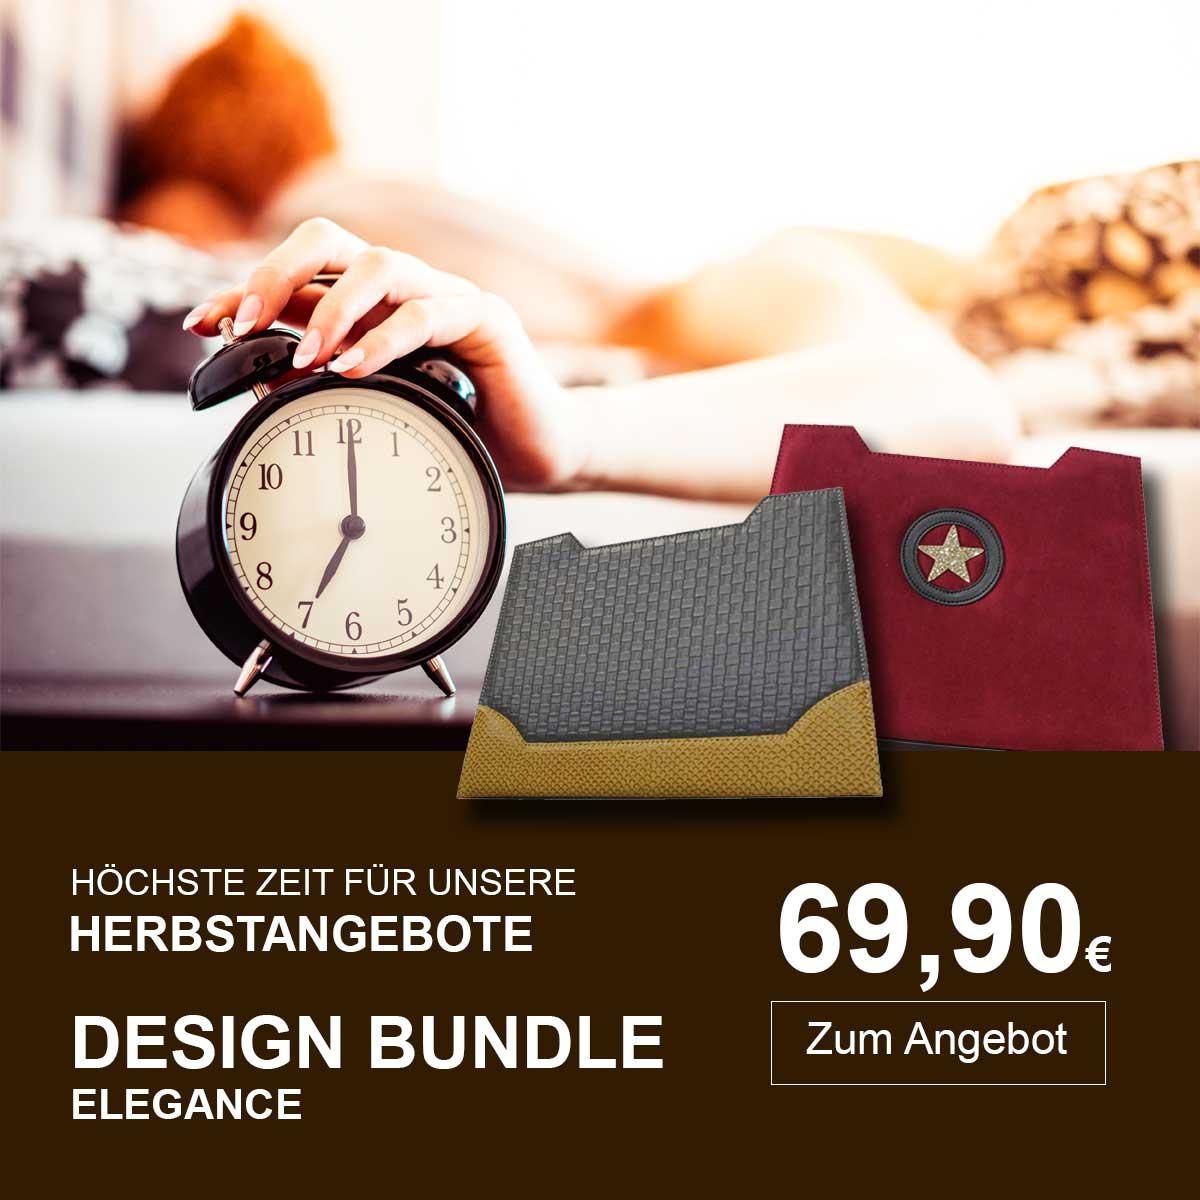 Design Bundle elegance Oktober